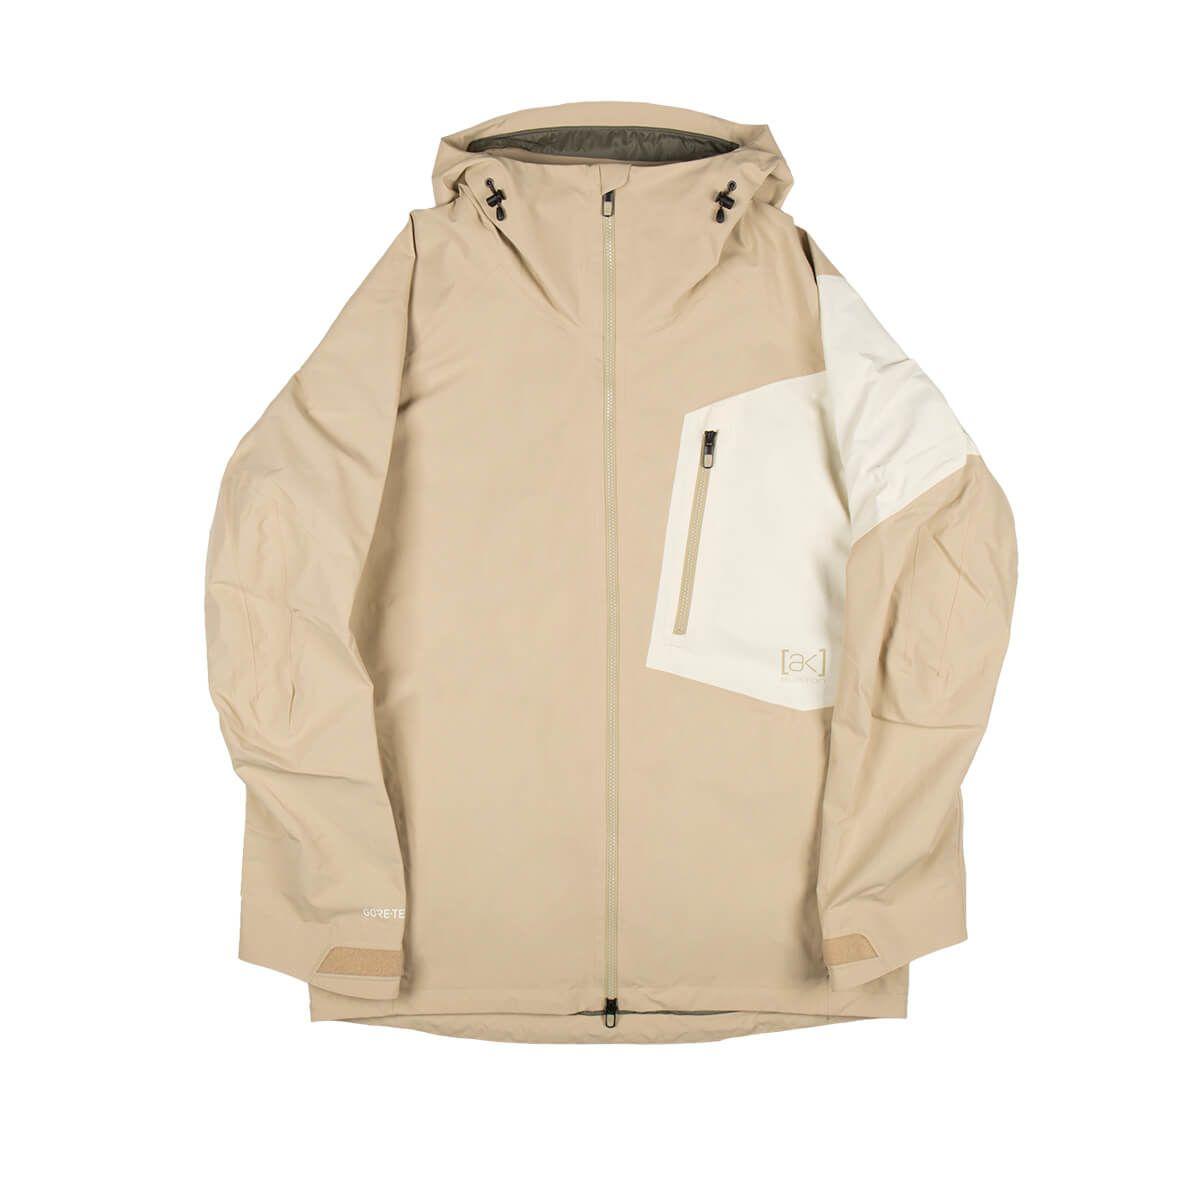 BURTON Goretex Cyclic Jacket in White